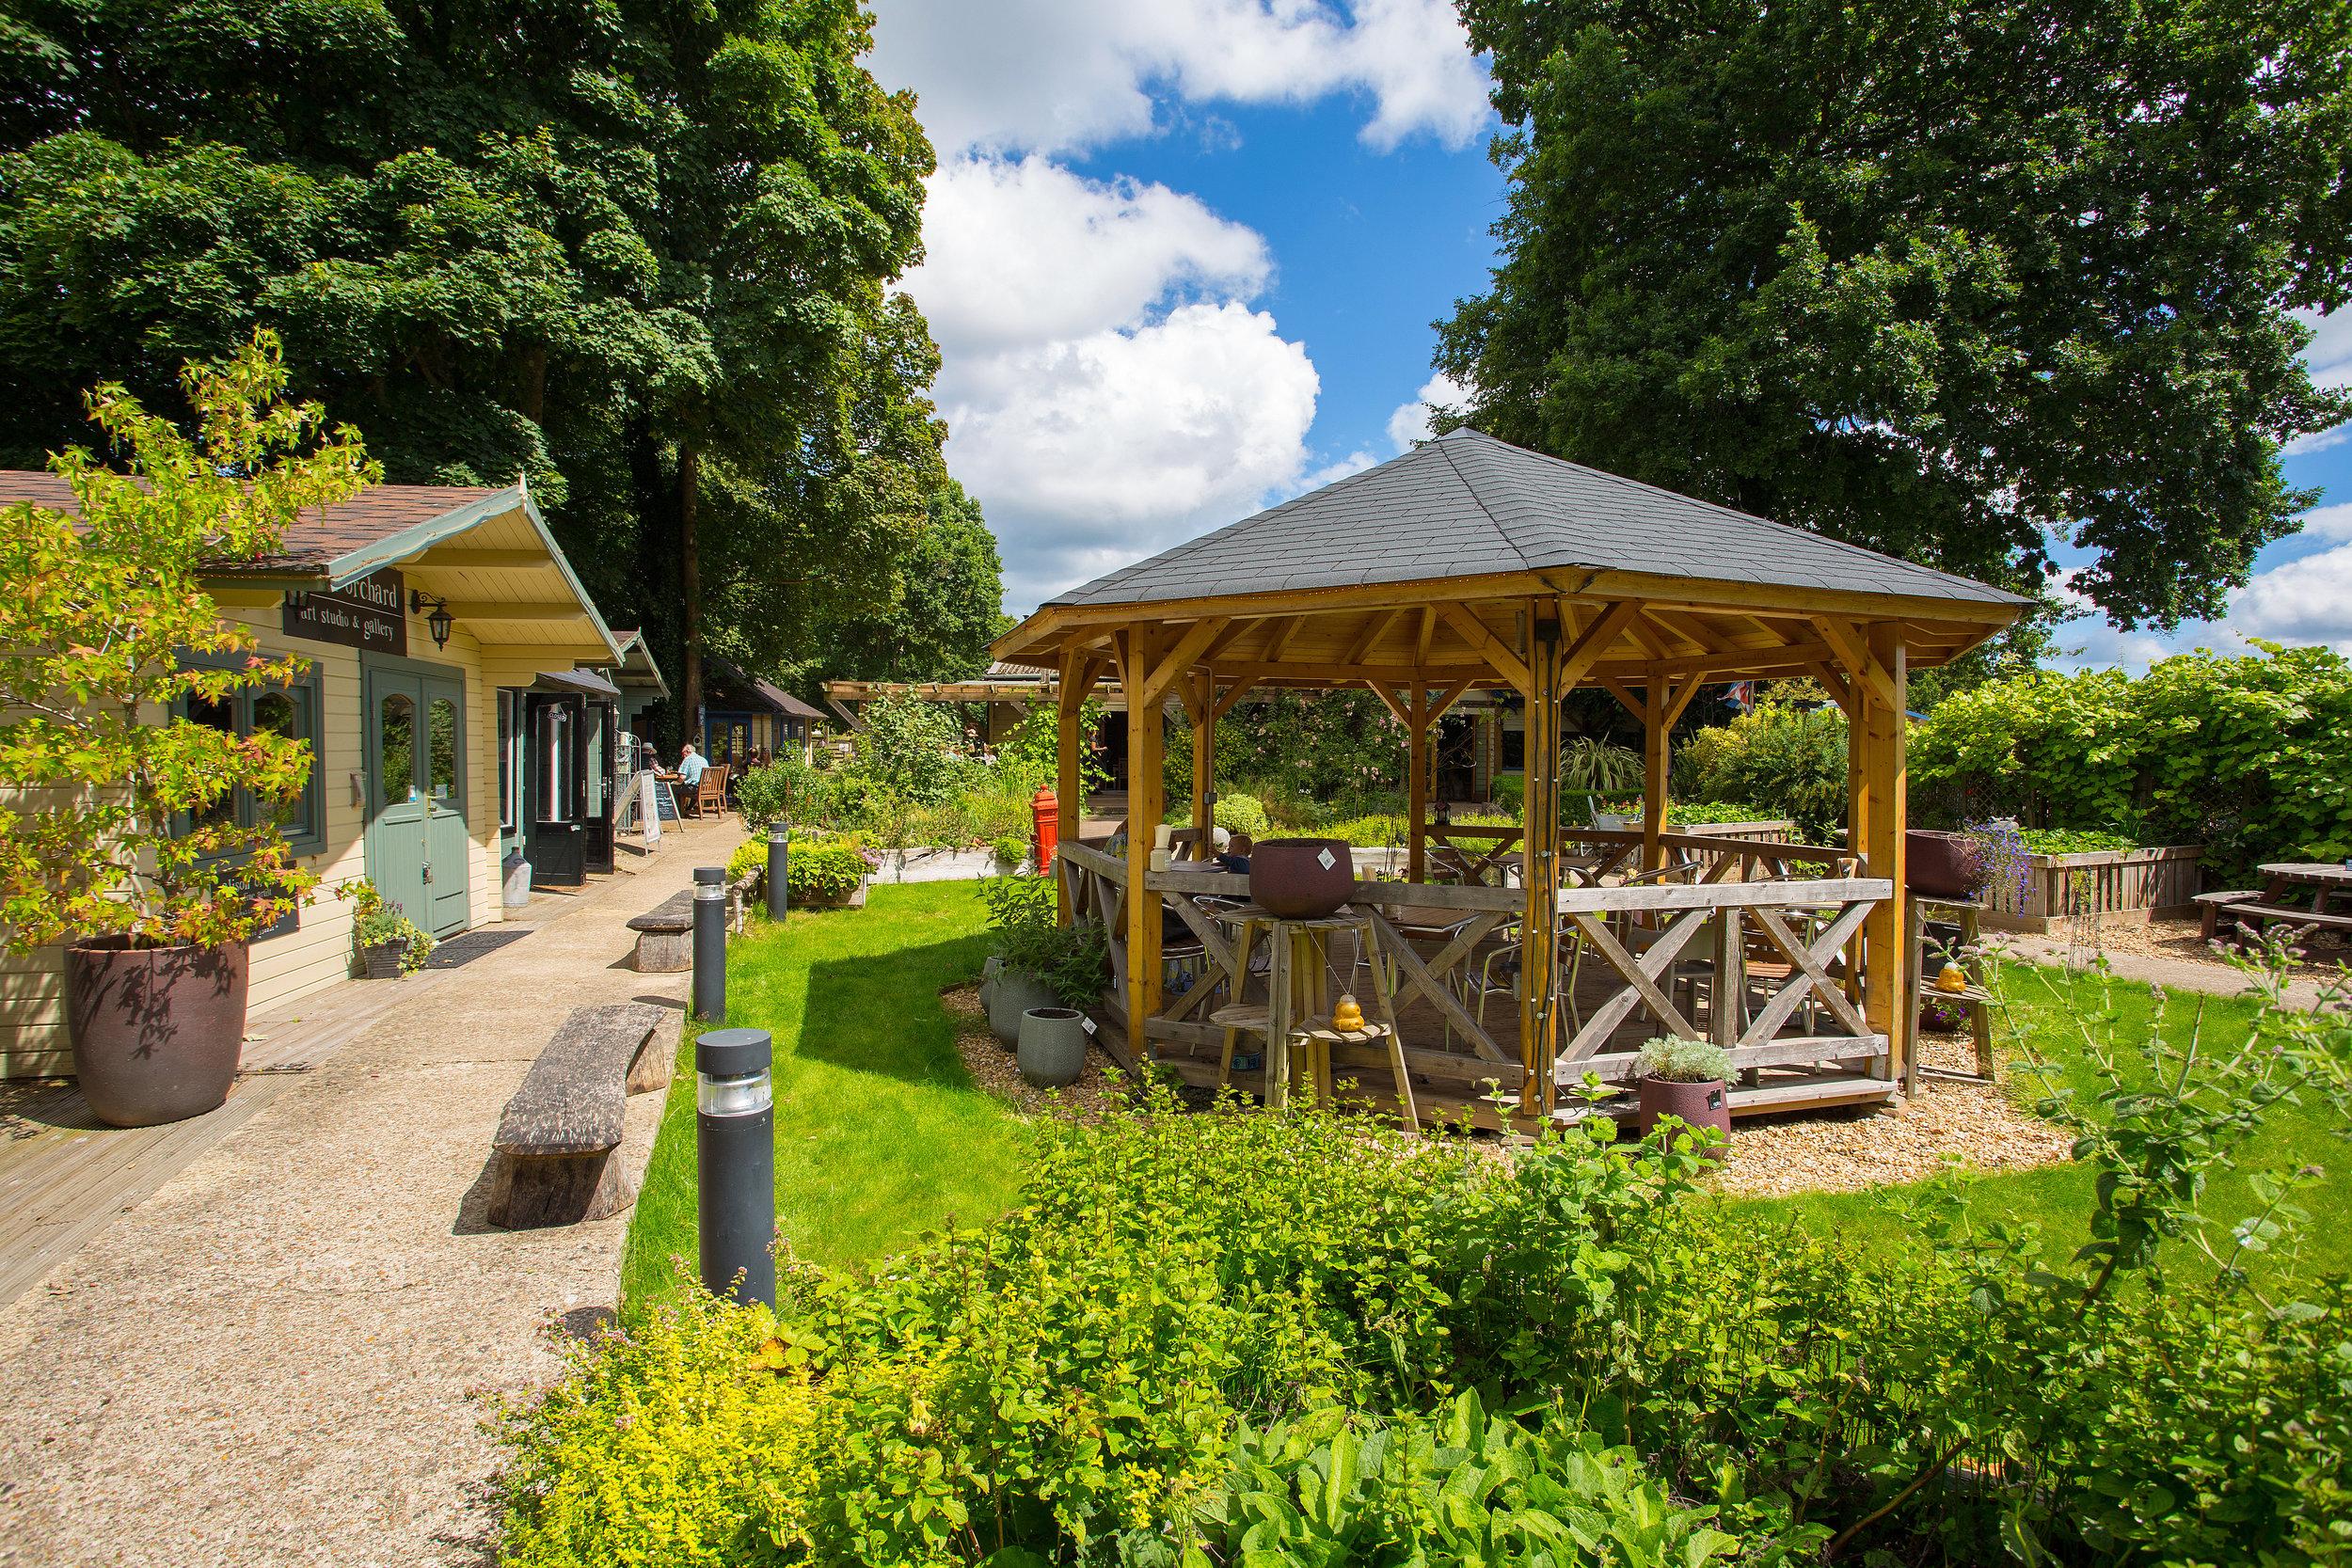 Applegarth Farm - Course Location